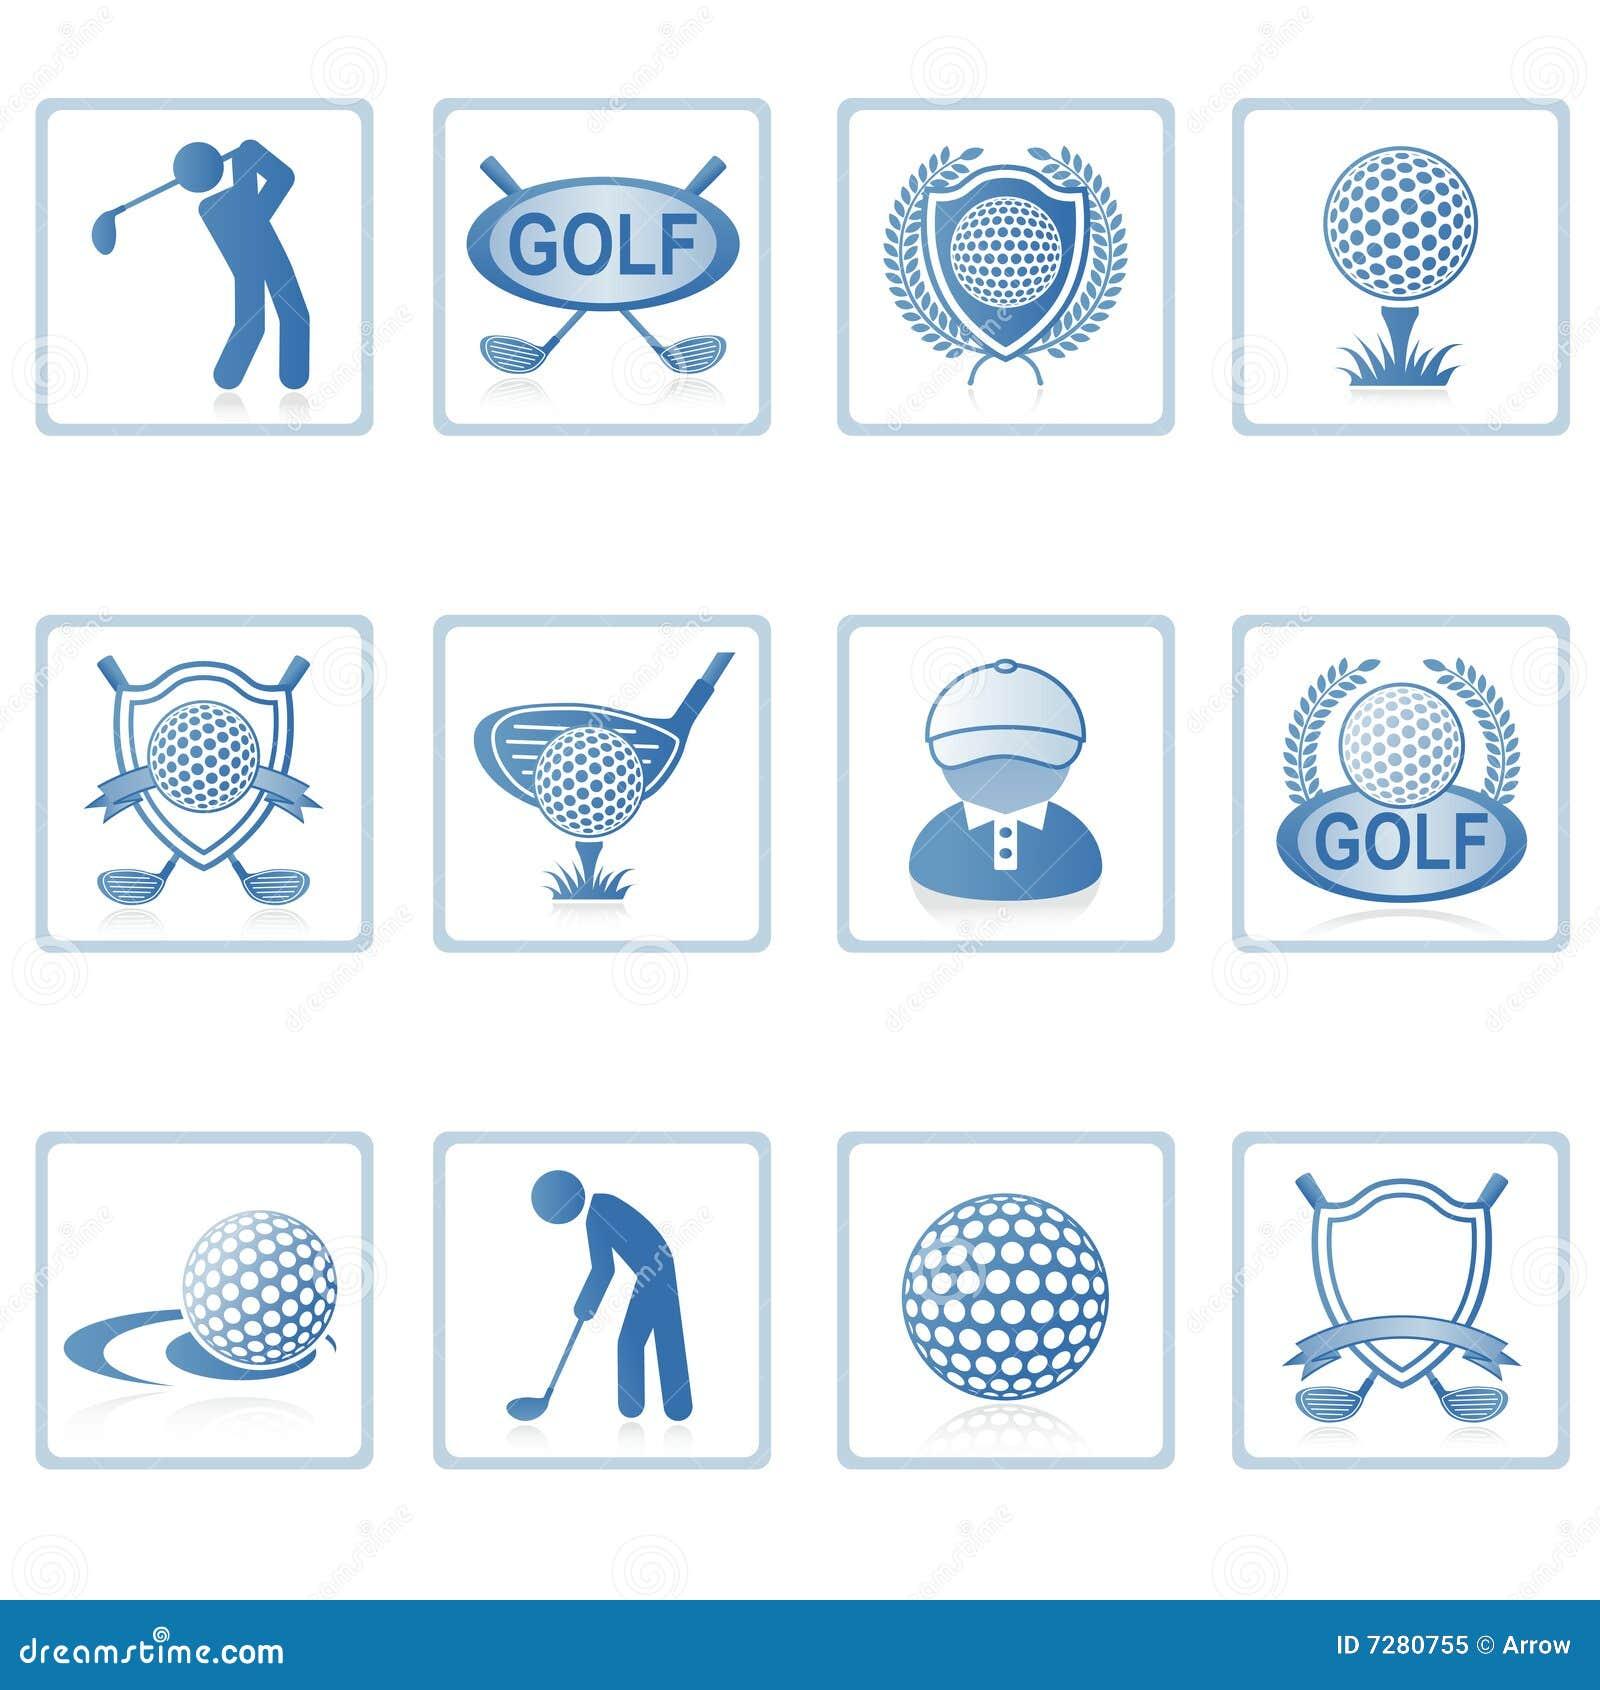 高尔夫球图标ii万维网